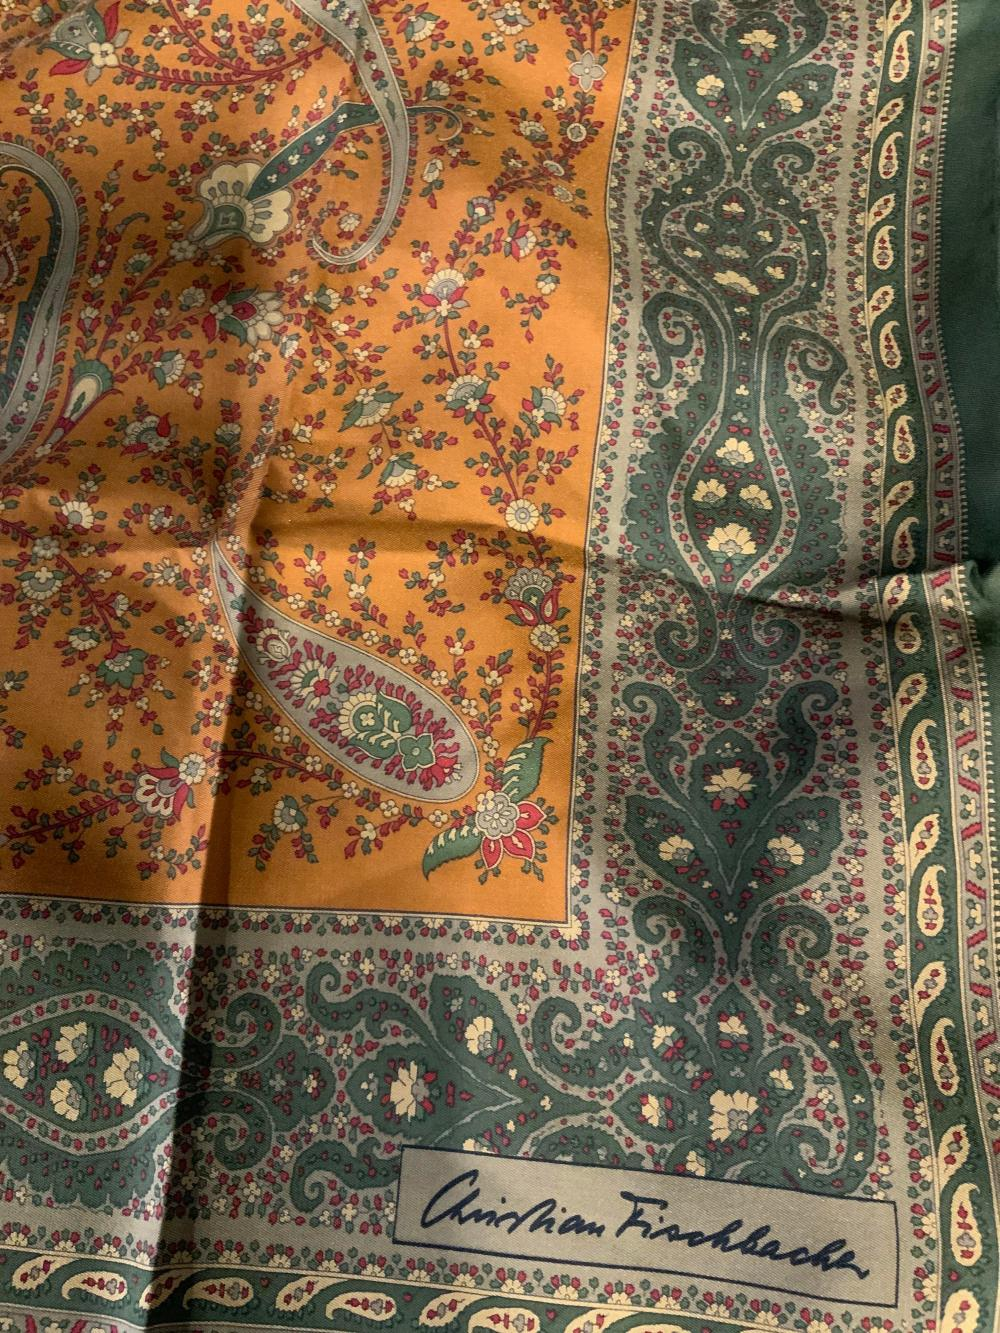 Vintage CHRISTIAN FISCHBACHER Silk Scarf